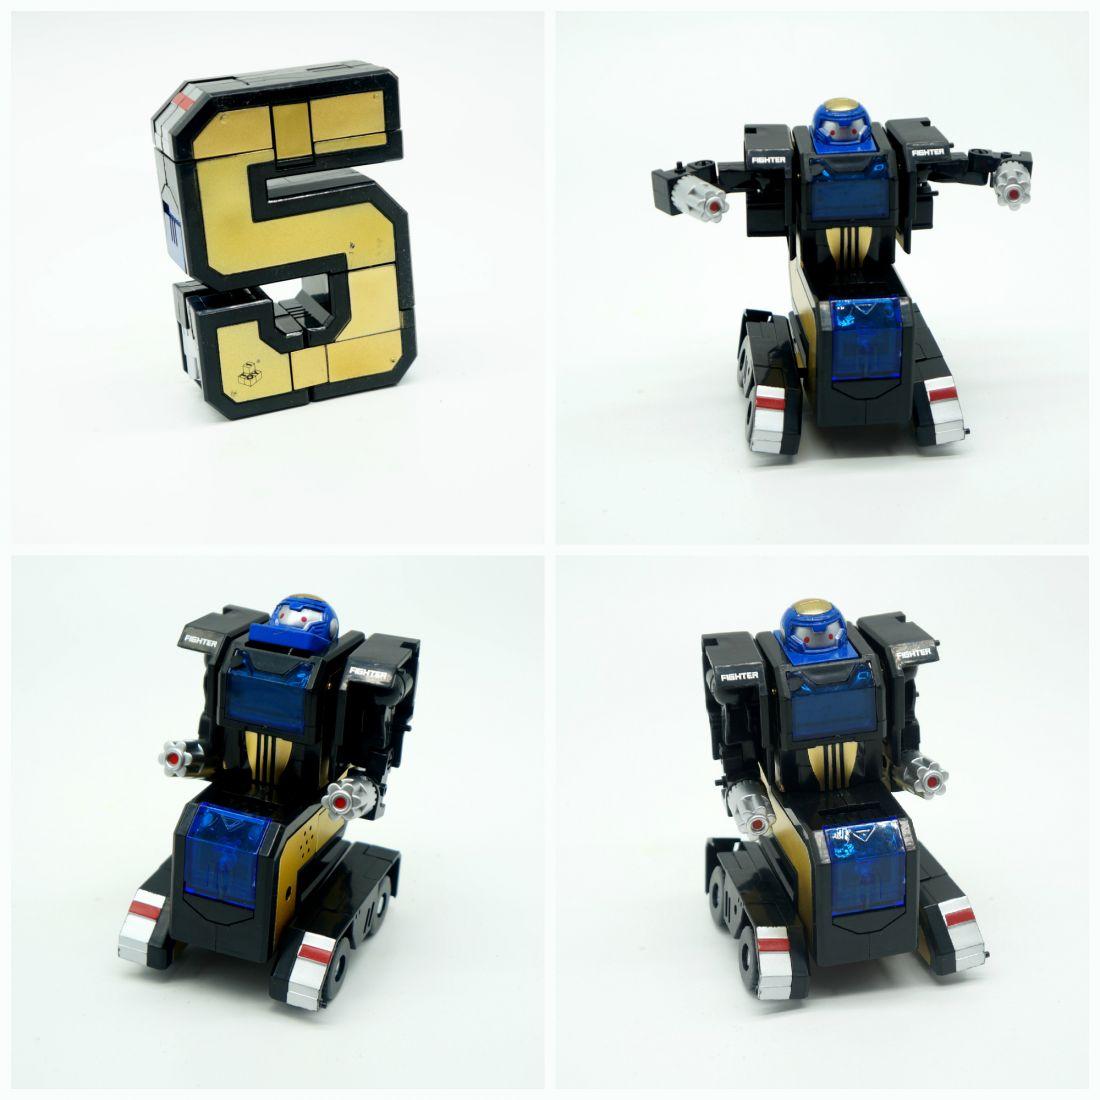 5 Трансбот Боевой Расчет тяжёлый боевой робот на гусеничном ходу Капитан Квинт или цифра пять